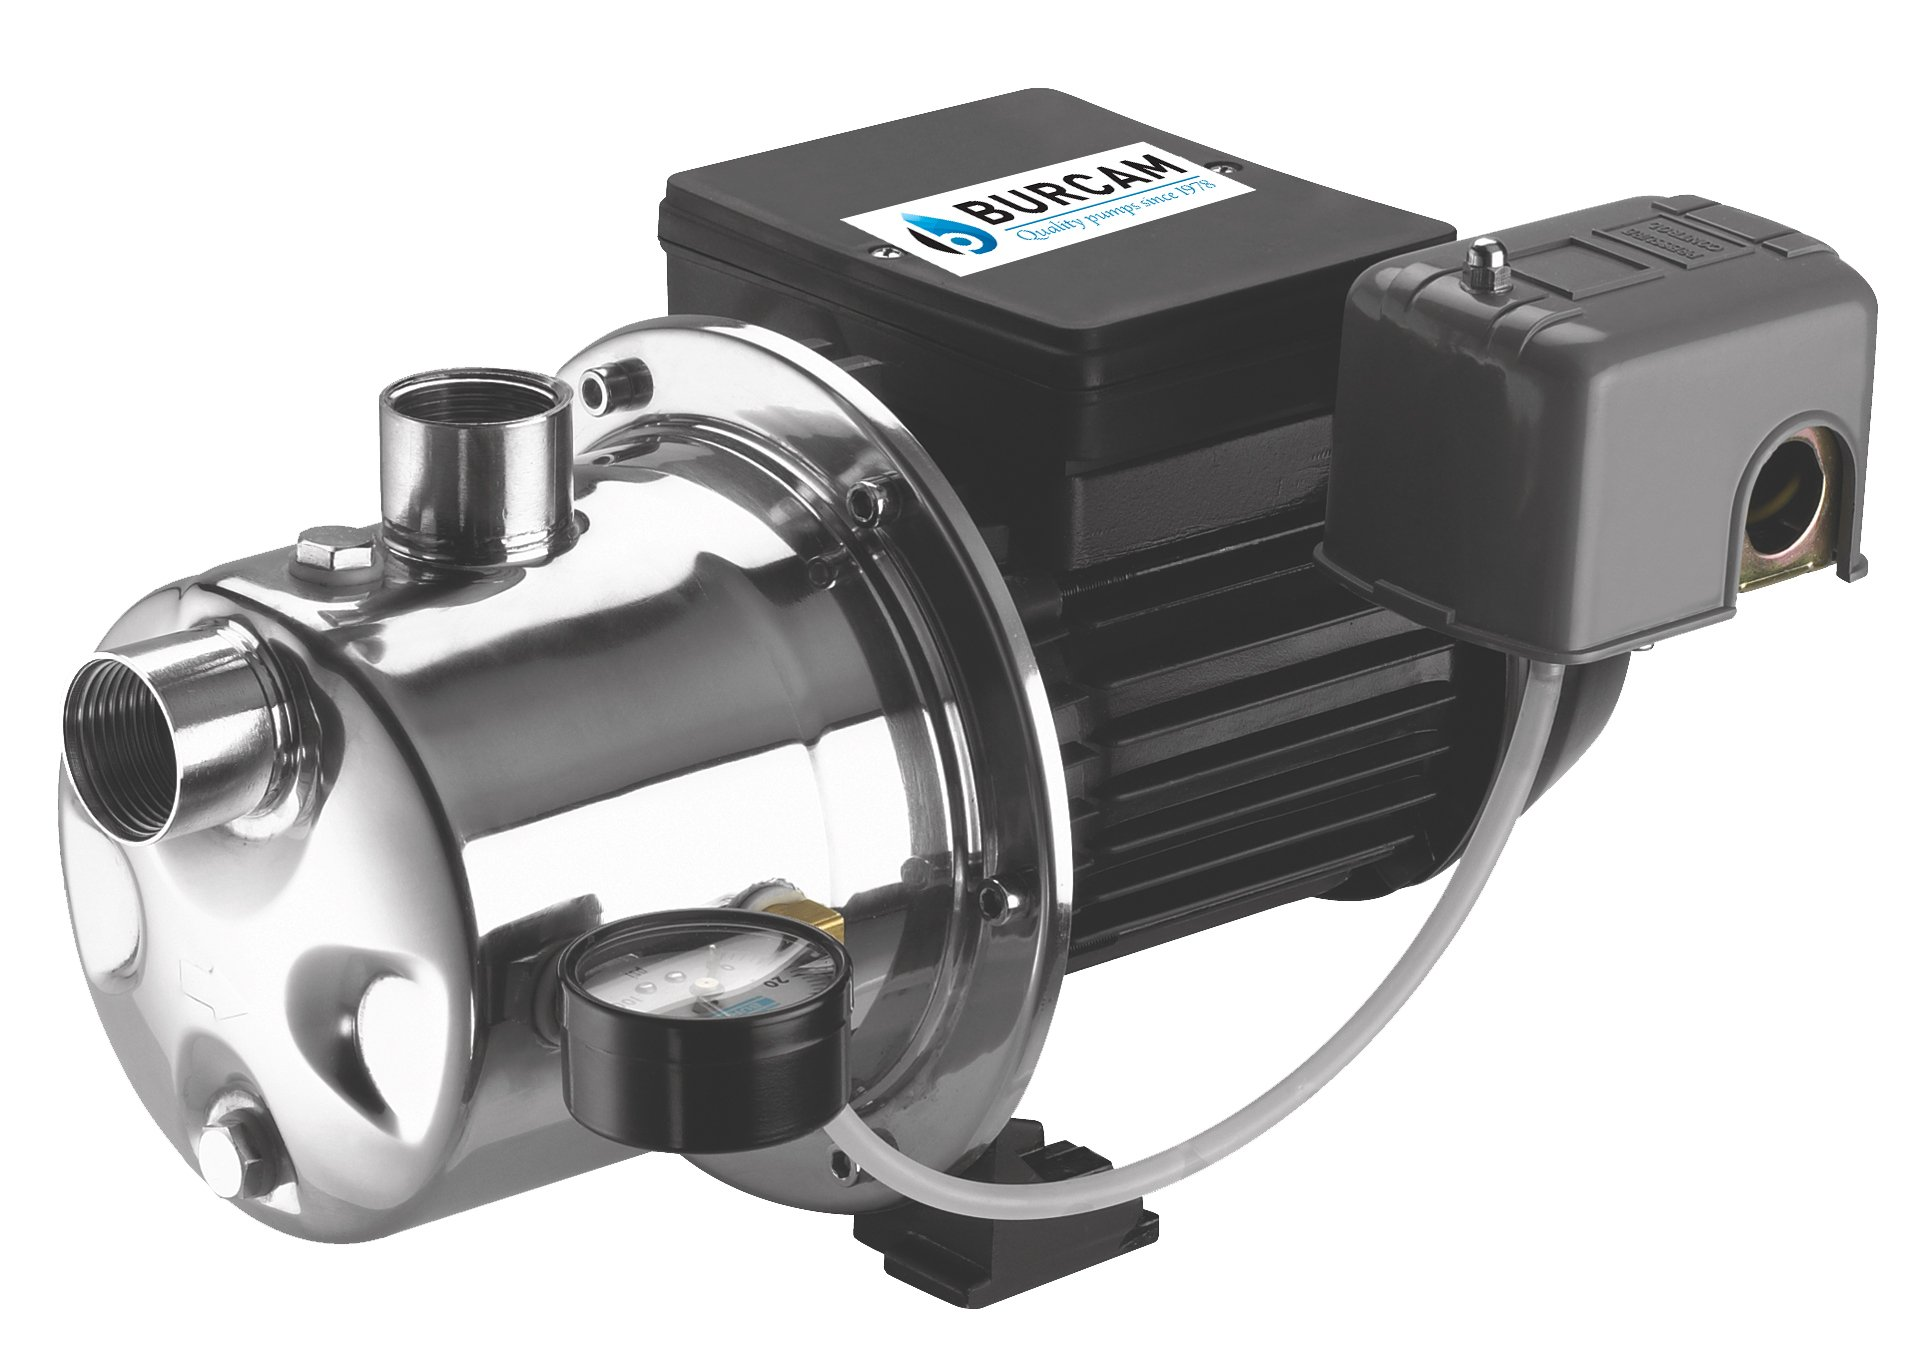 BurCam 506518SS  SW Stainless Steel Jet Pump, 3/4 hp, 115V/230V